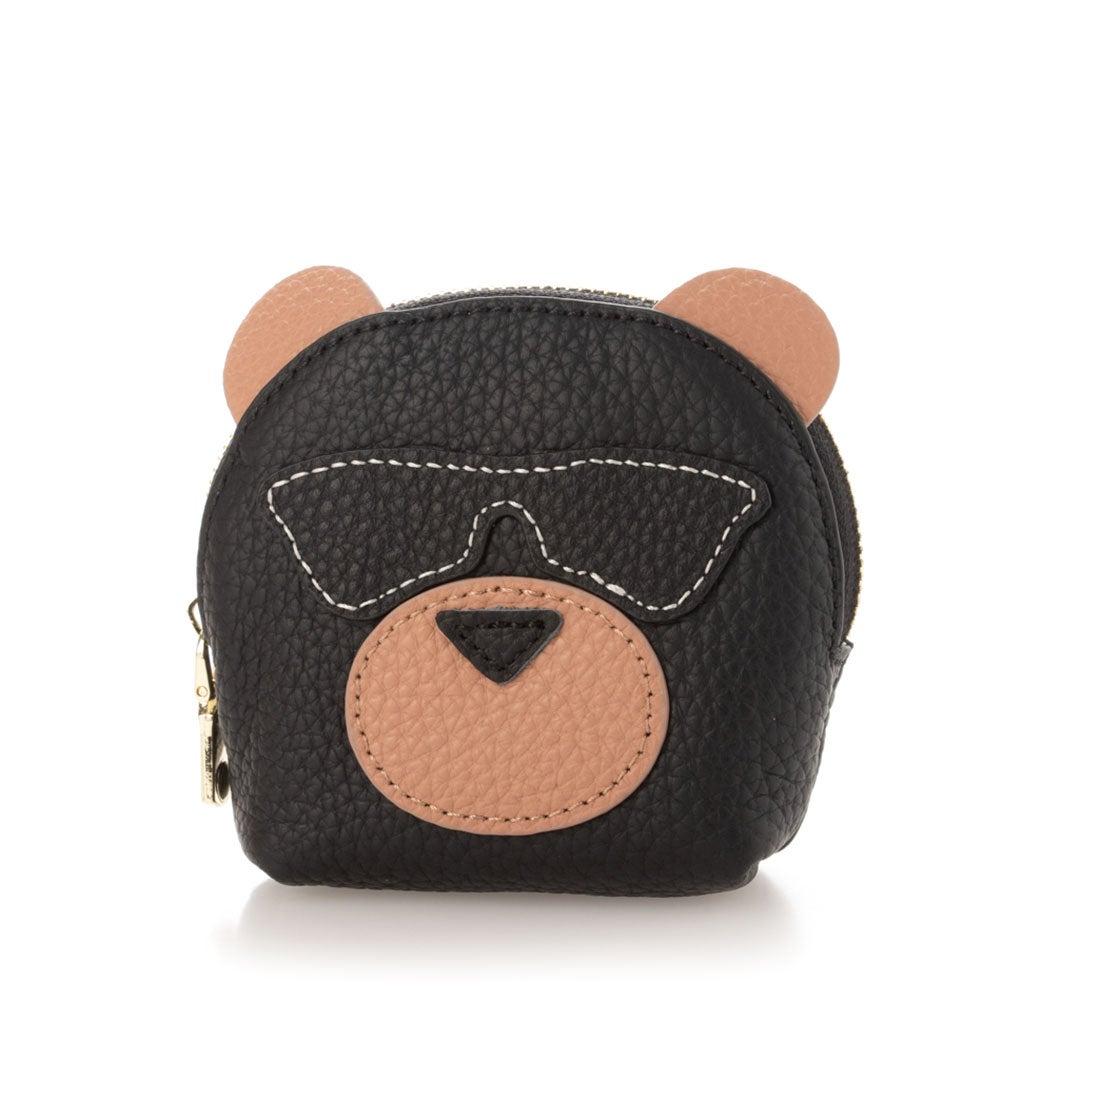 ヴィータフェリーチェ VitaFelice キーリング付き本革コインケース(Bear) (BLACK)